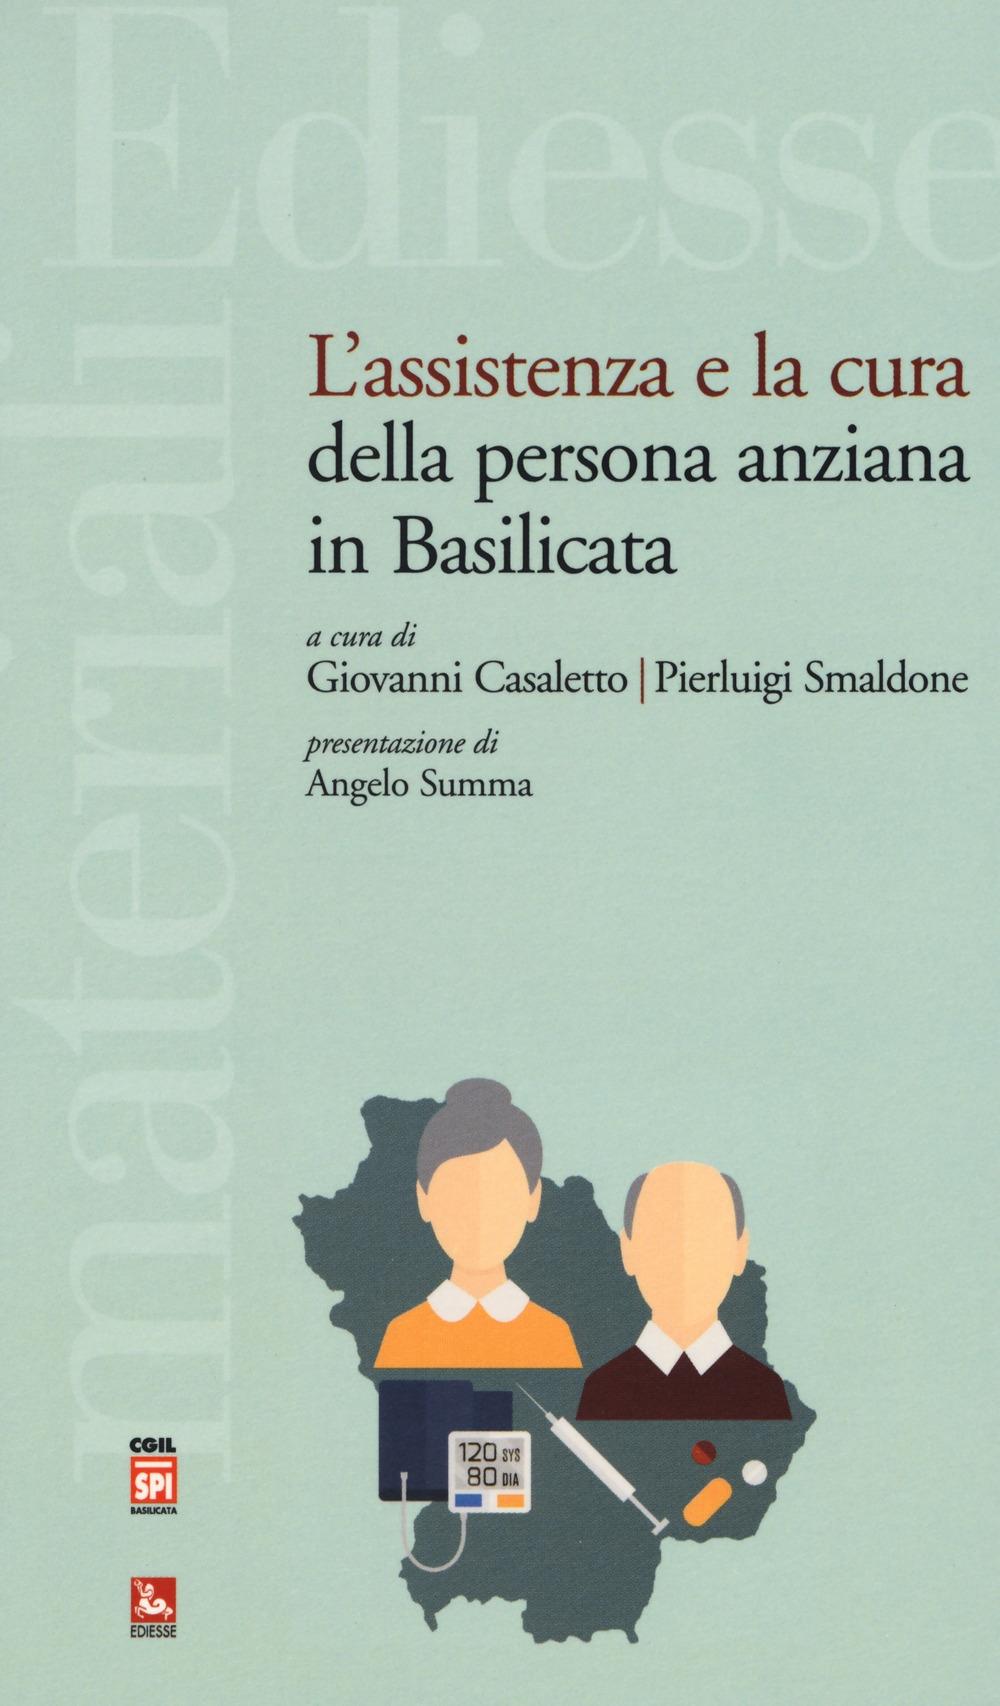 L'assistenza e la cura della persona anziana in Basilicata